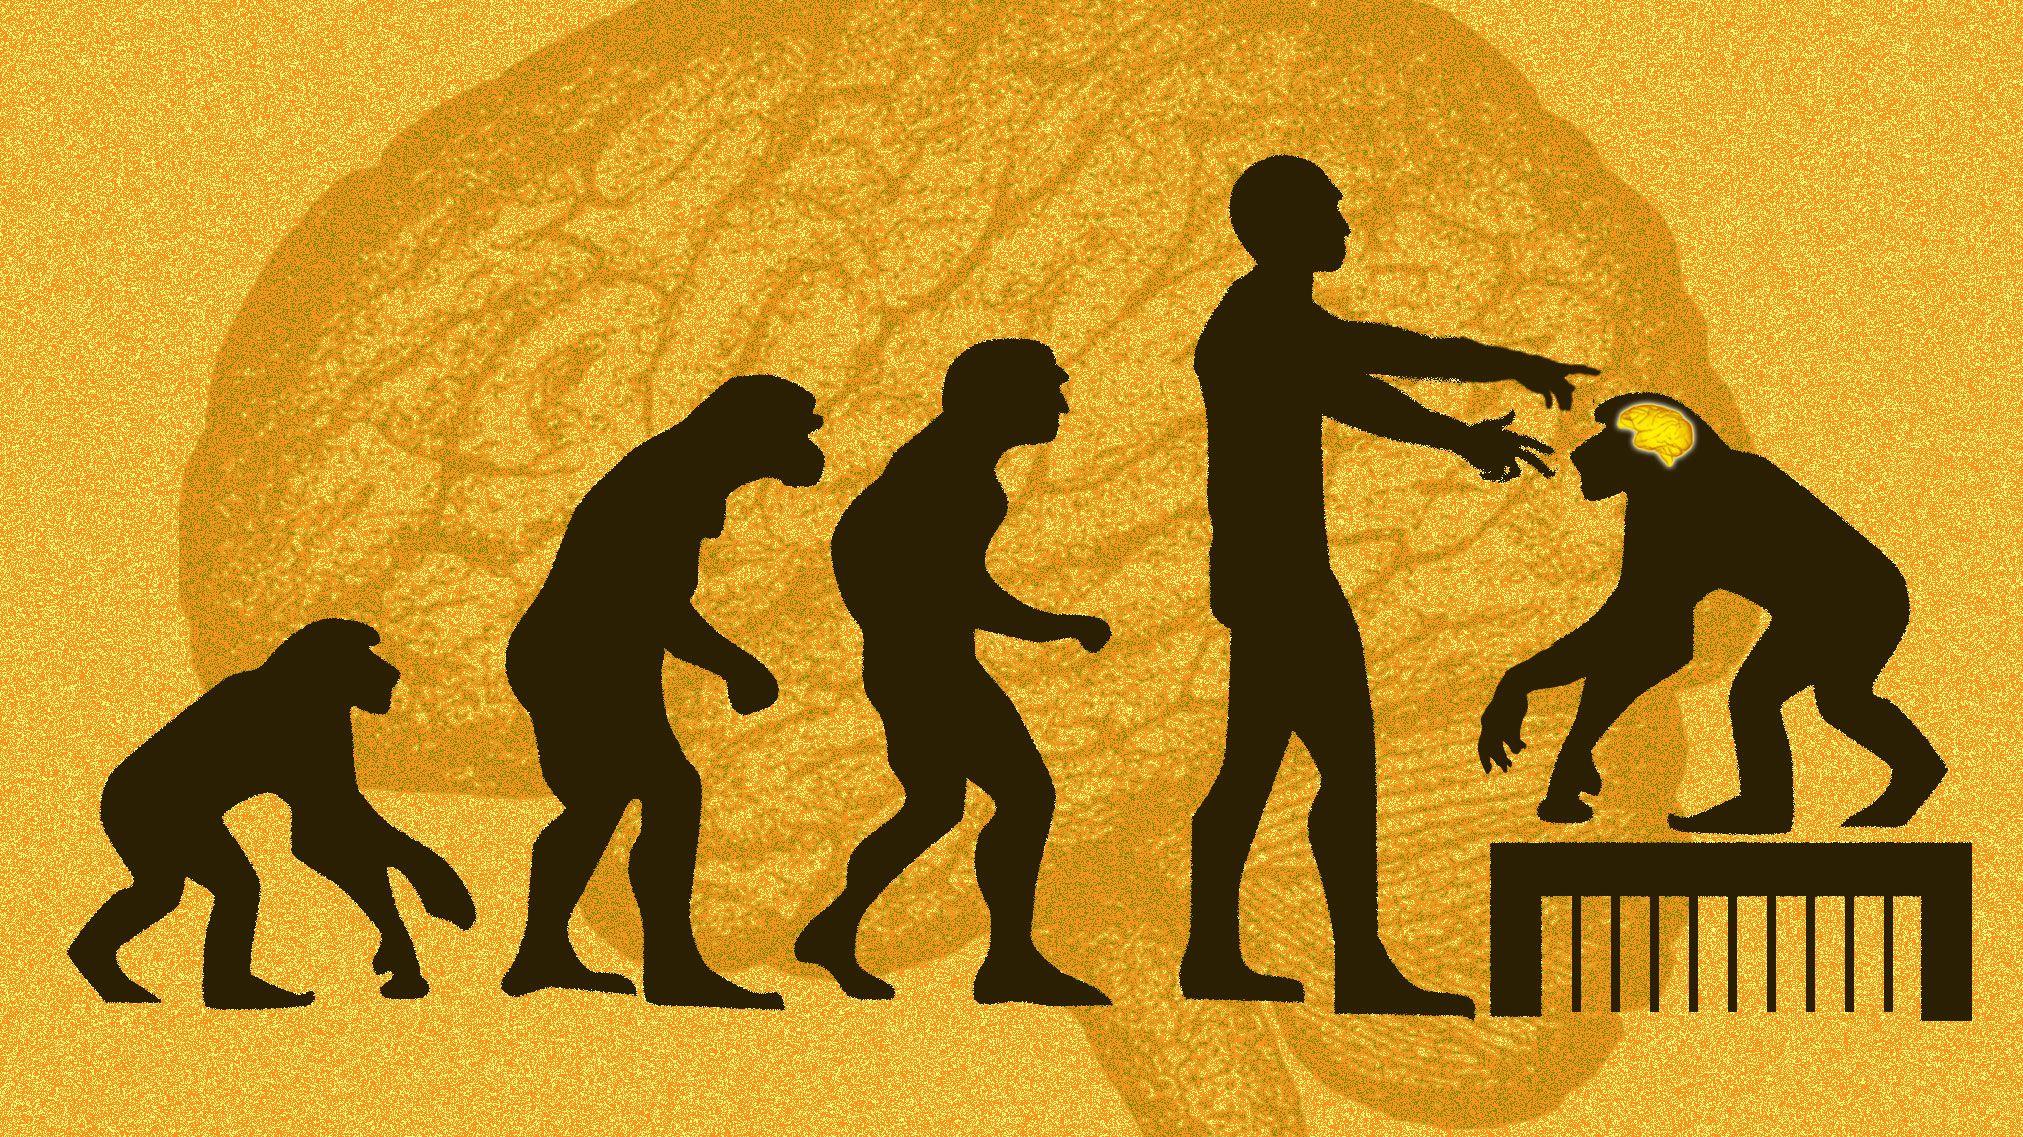 「猿の惑星」への扉を開く? MCPH1遺伝子を移植、 中国で「賢いサル」誕生か